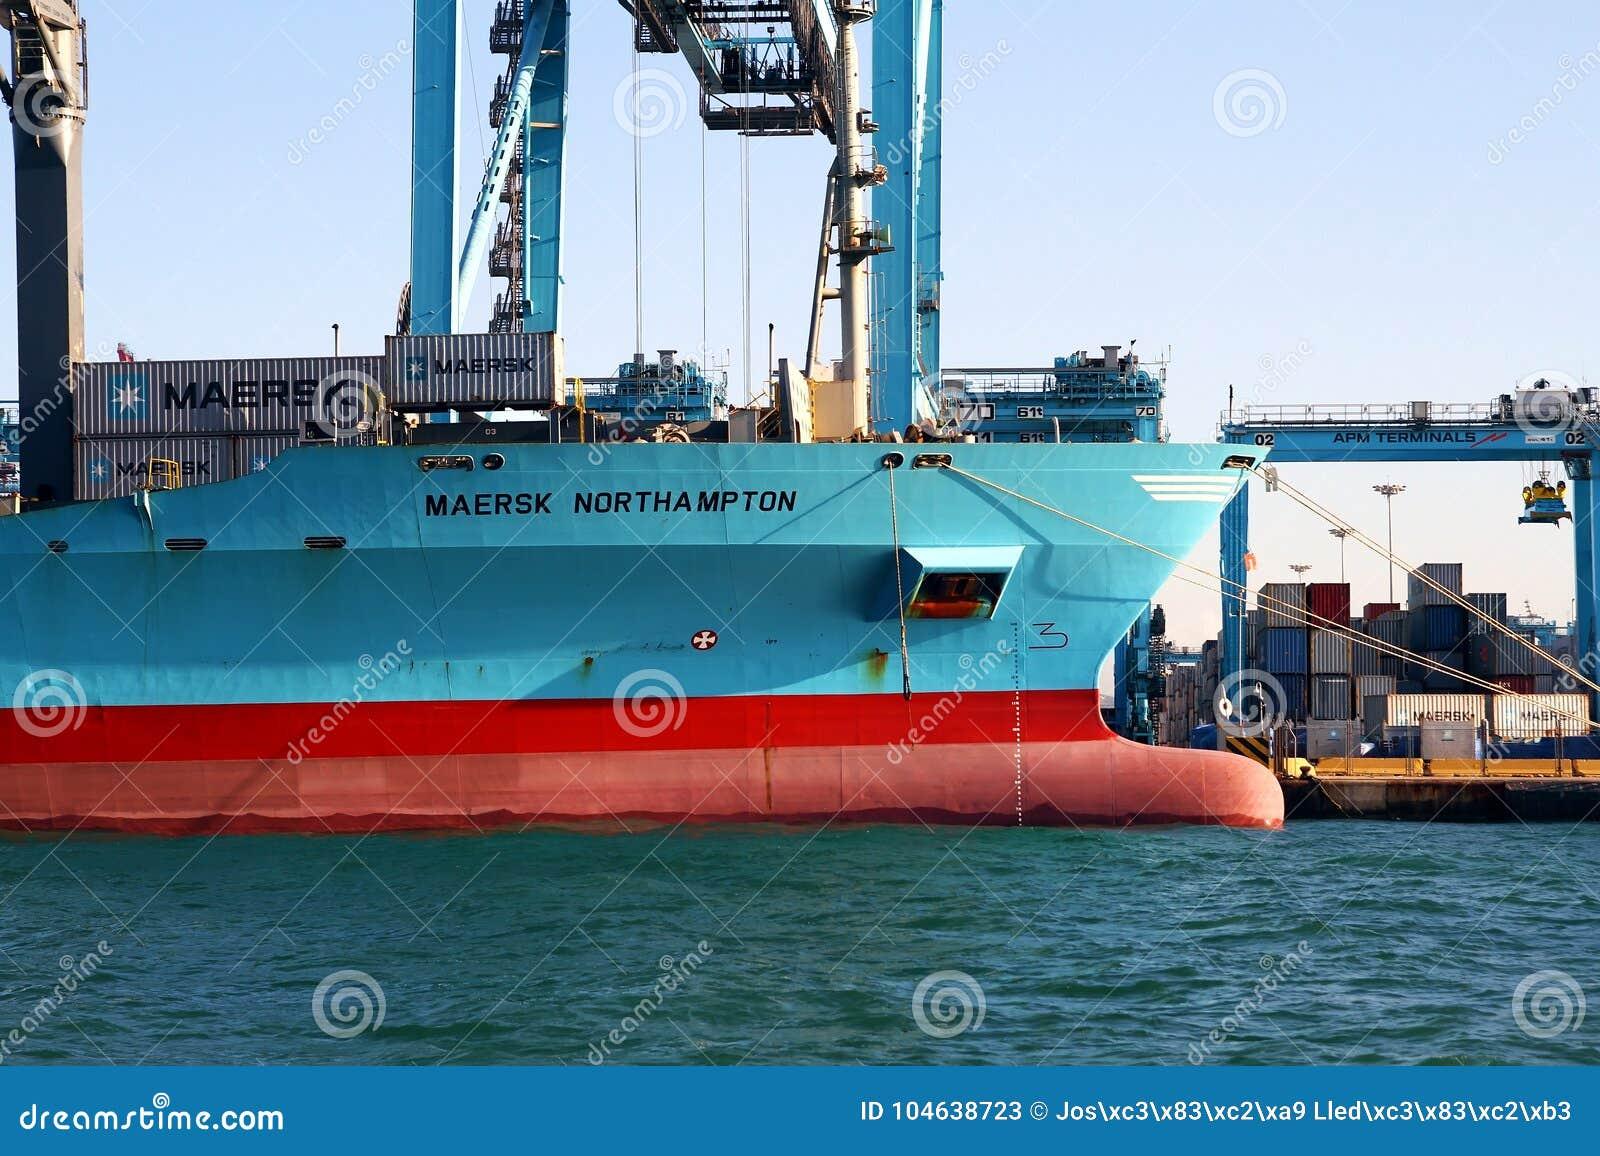 Download Containerschip Maersk Die Northampton Met Containerskranen Werken Redactionele Stock Foto - Afbeelding bestaande uit boot, schip: 104638723